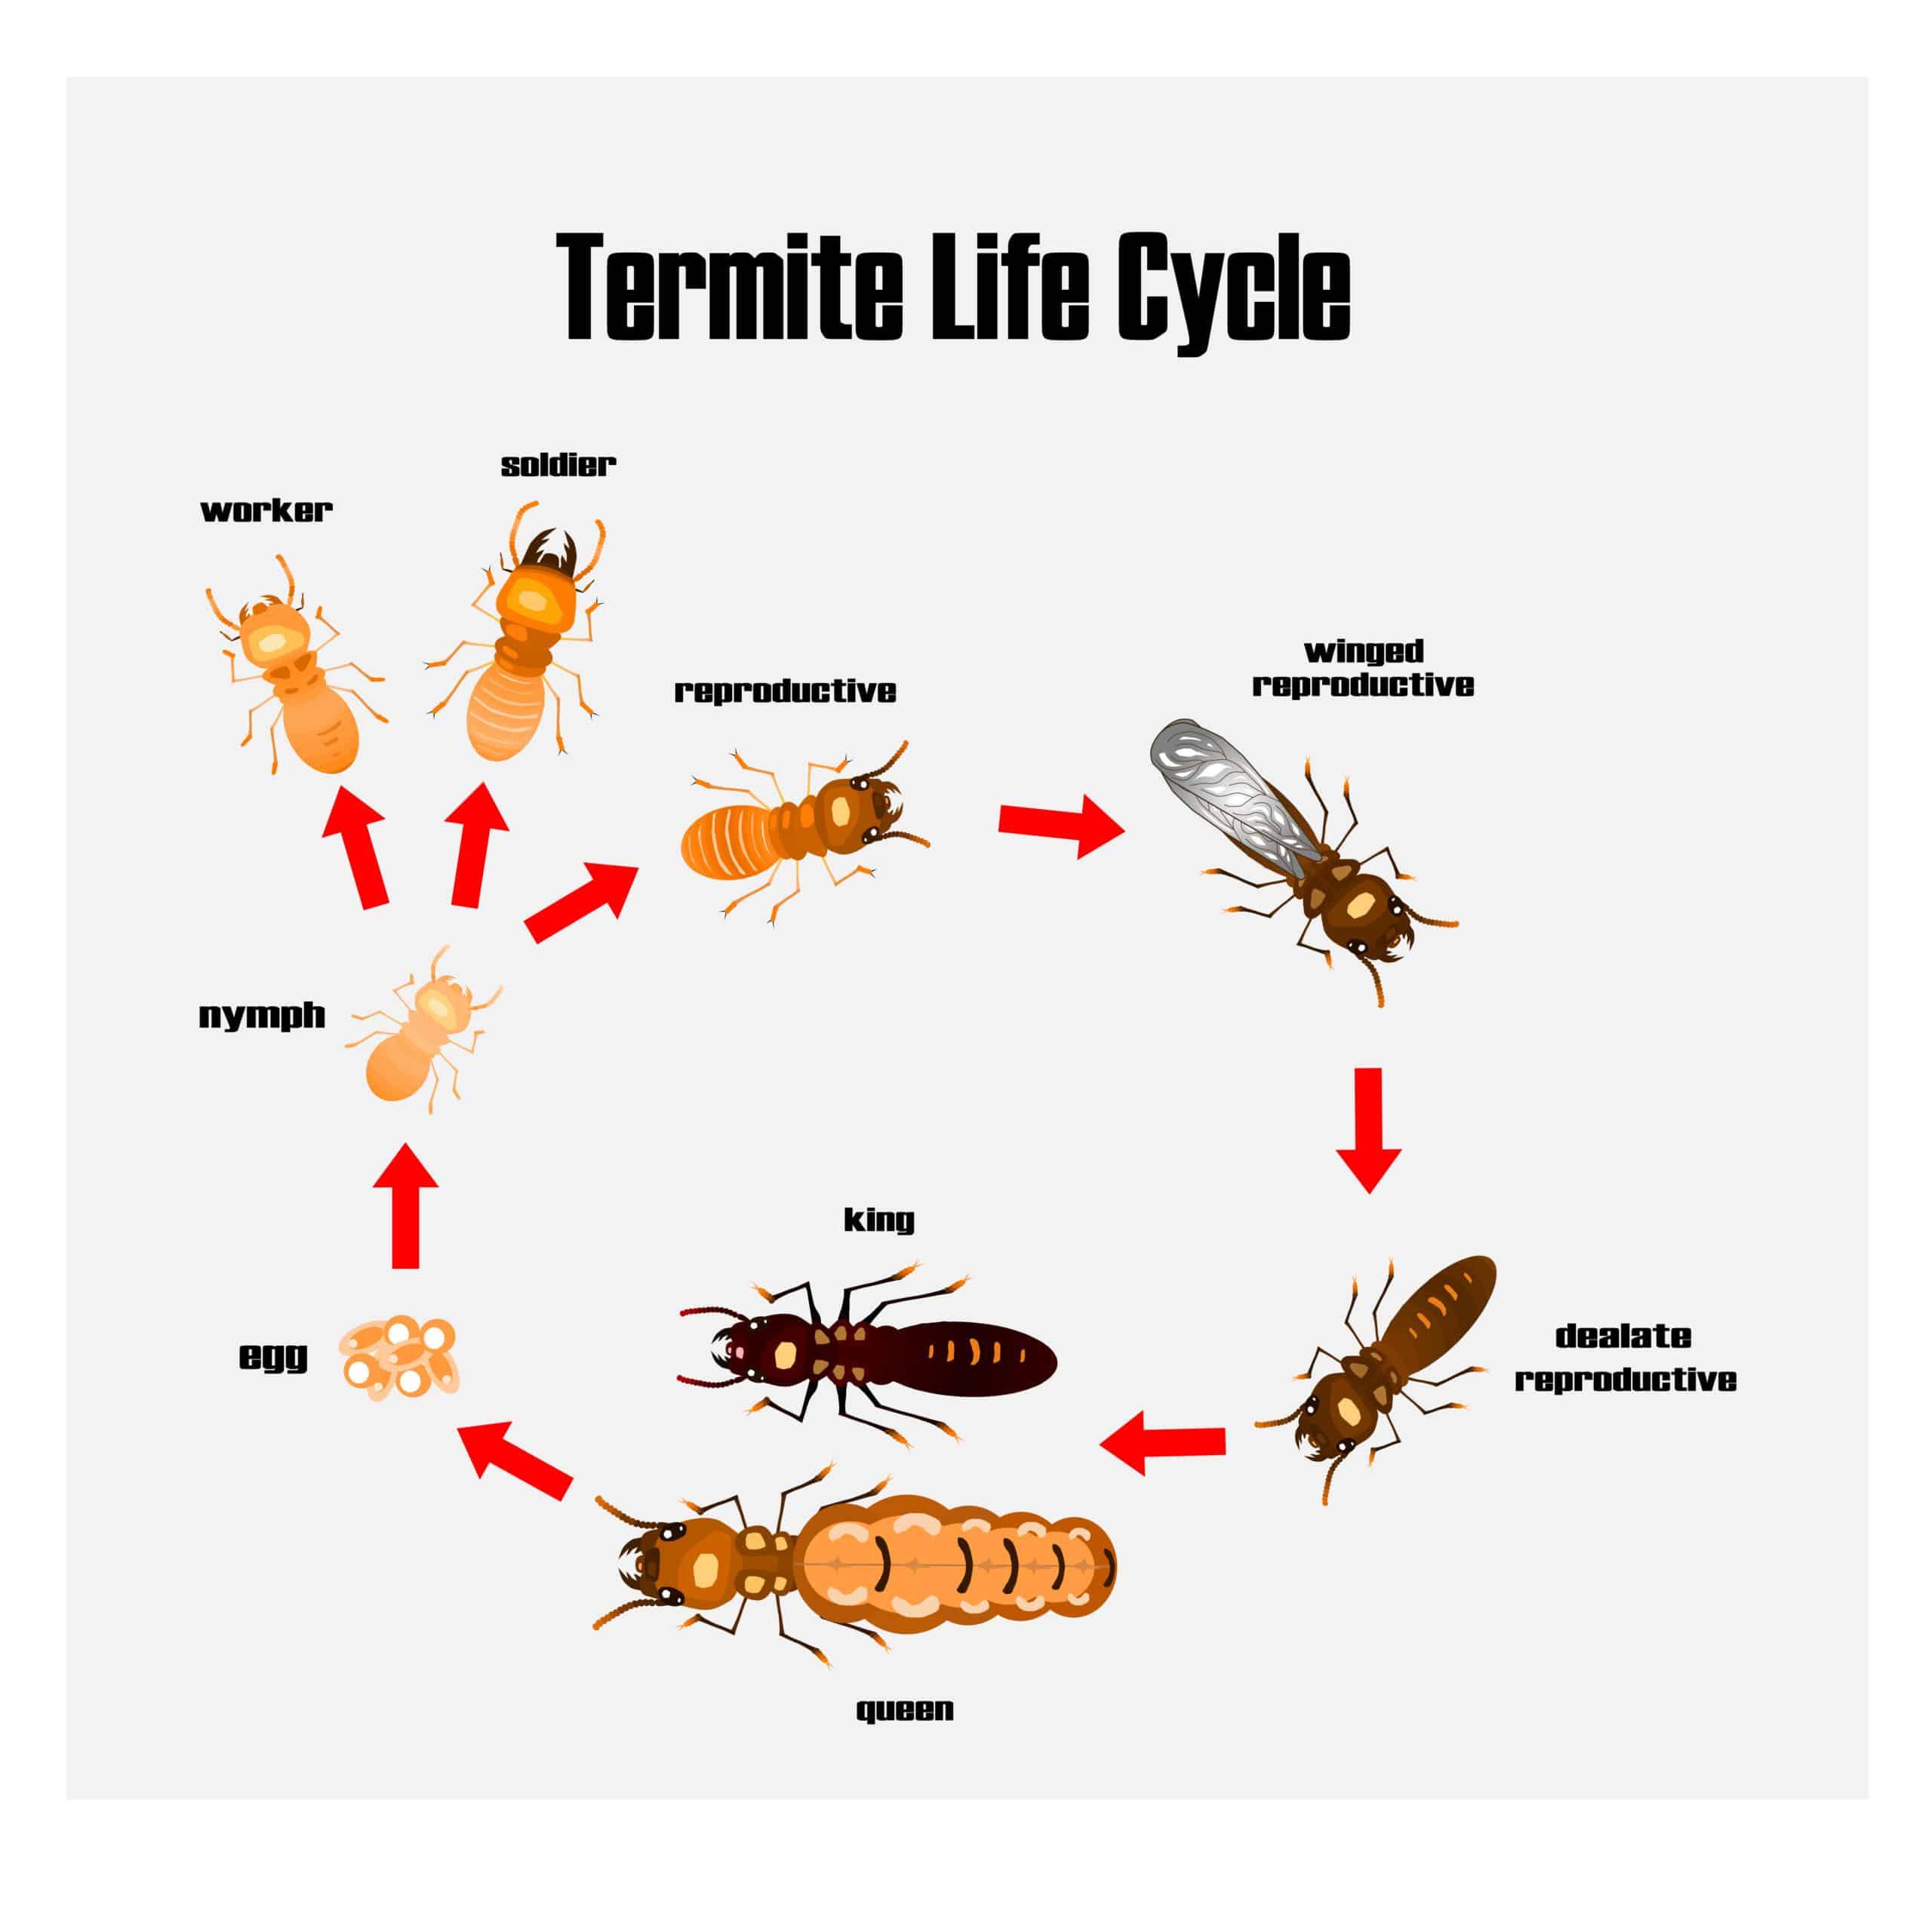 הדברת טרמיטים - מעגל חיים - מזיקיס